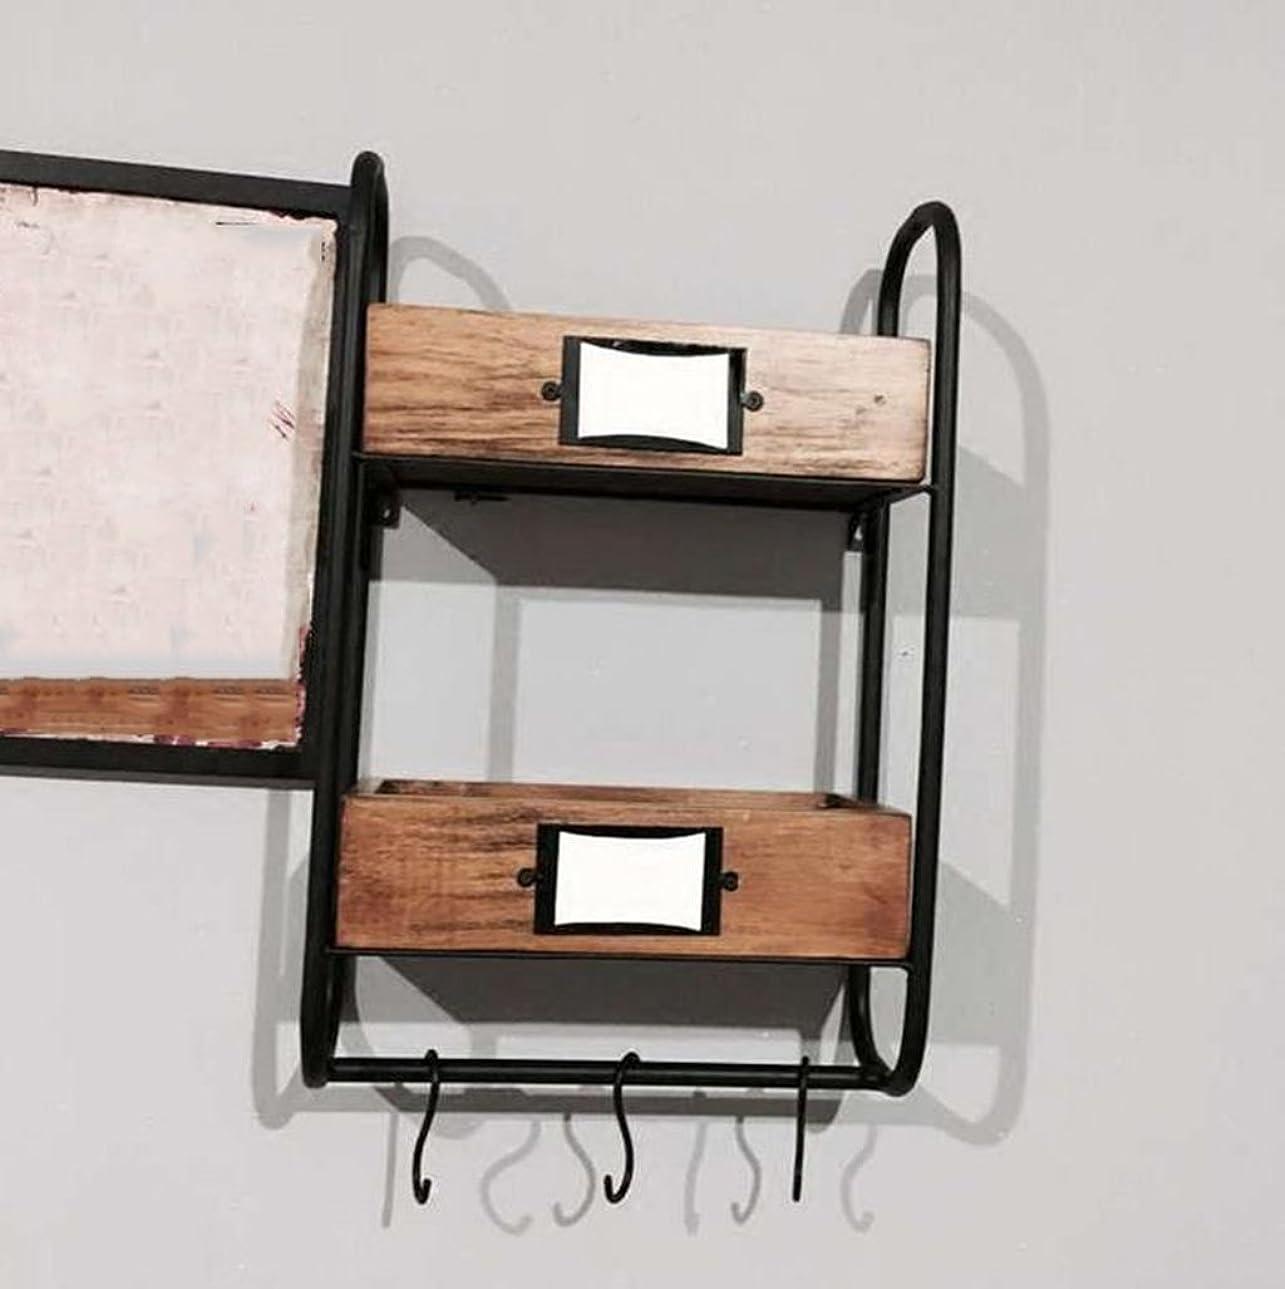 対連帯胆嚢鉄の水パイプ棚の産業レトロソリッドウッドの壁のマウント古いファッションバスルームキャビネットを行う41 * 18 * 63センチメートル ウォールマウント (Color : #1)